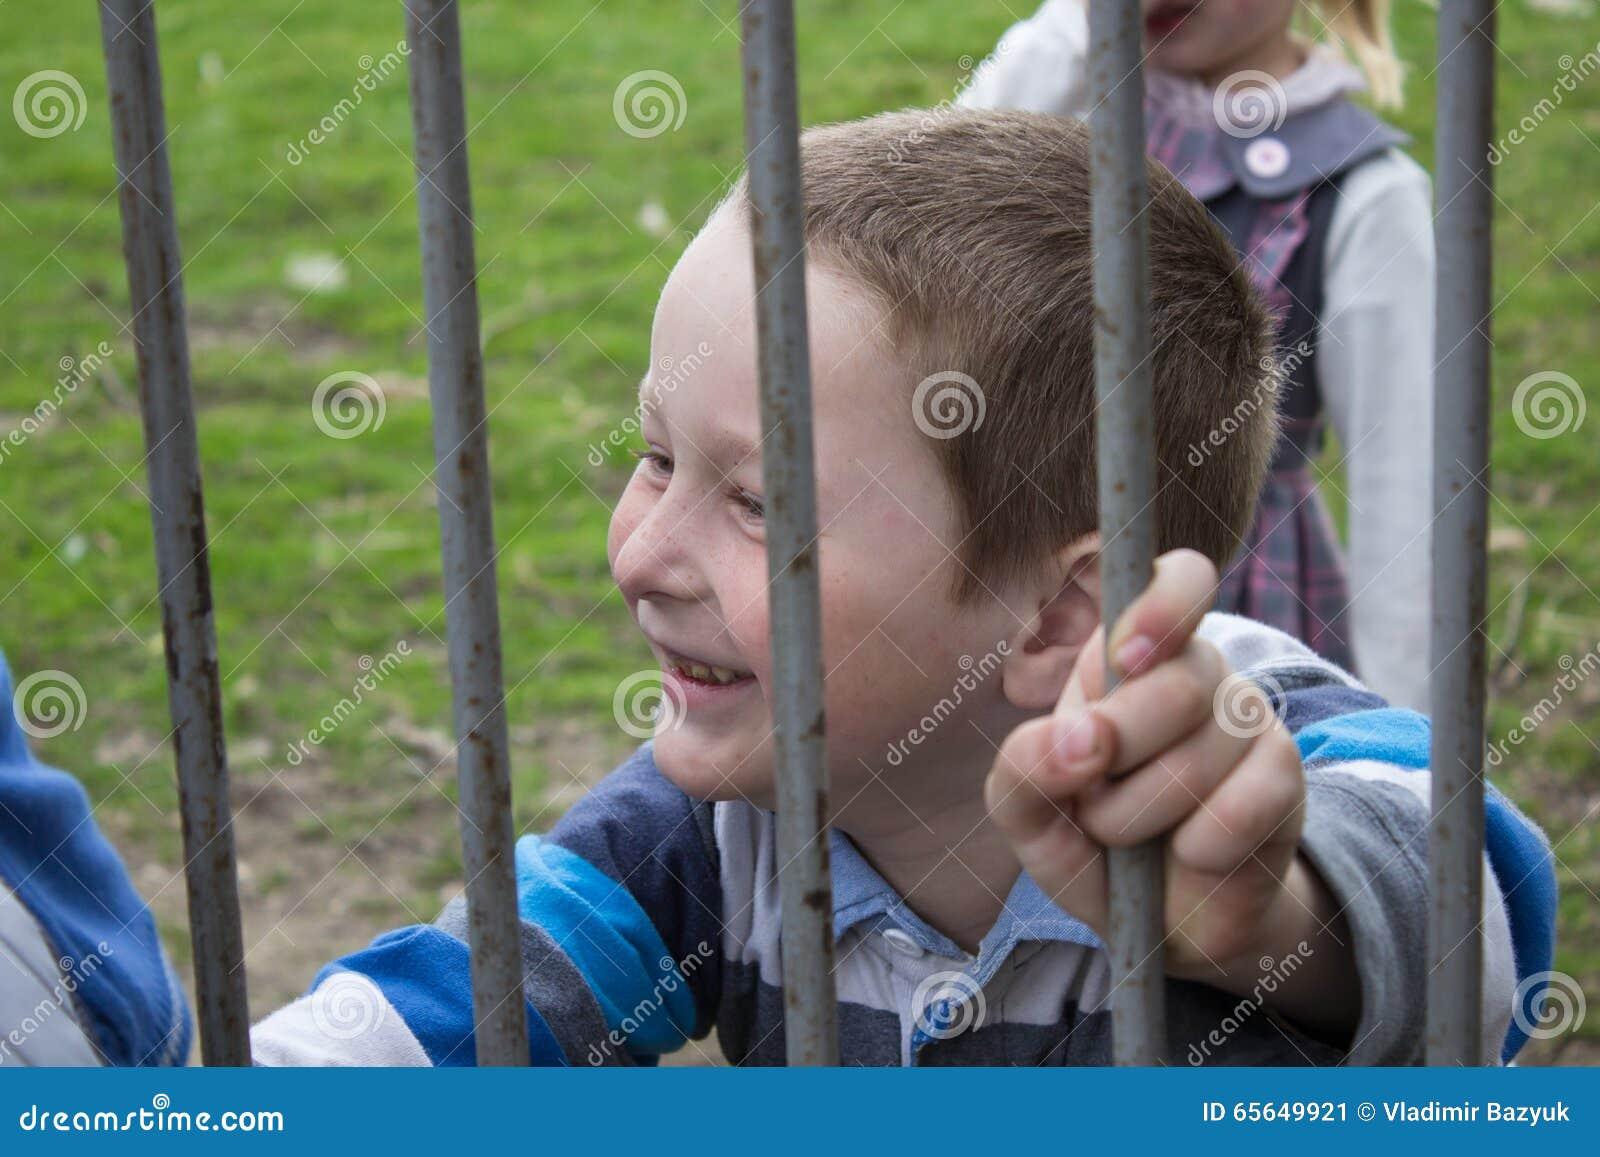 Garçon sur une barrière en métal